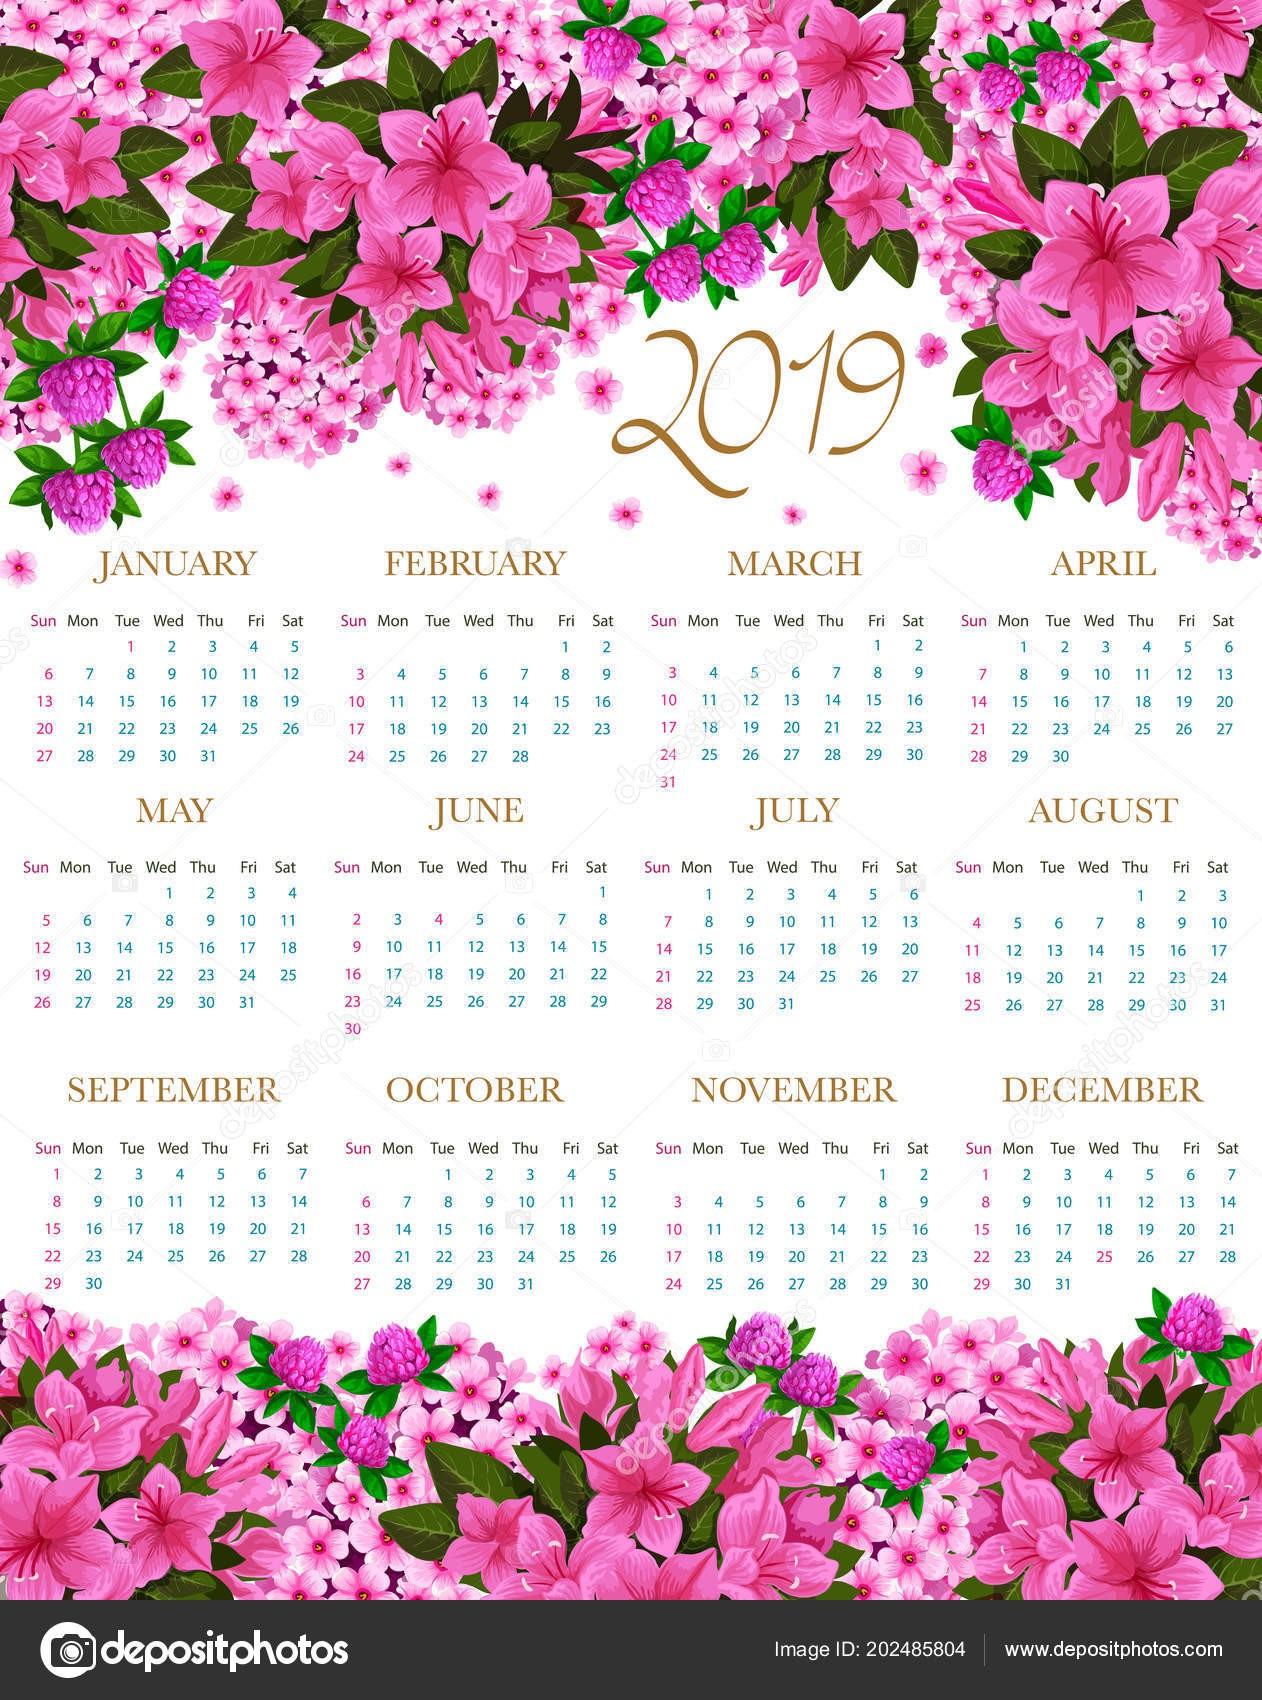 Calendario 2019 Vector Recientes 2019 Vektor Kalendář Jarn Růžové Květiny — Stock Vektor Of Calendario 2019 Vector Actual Wörtherseetreffen 2019